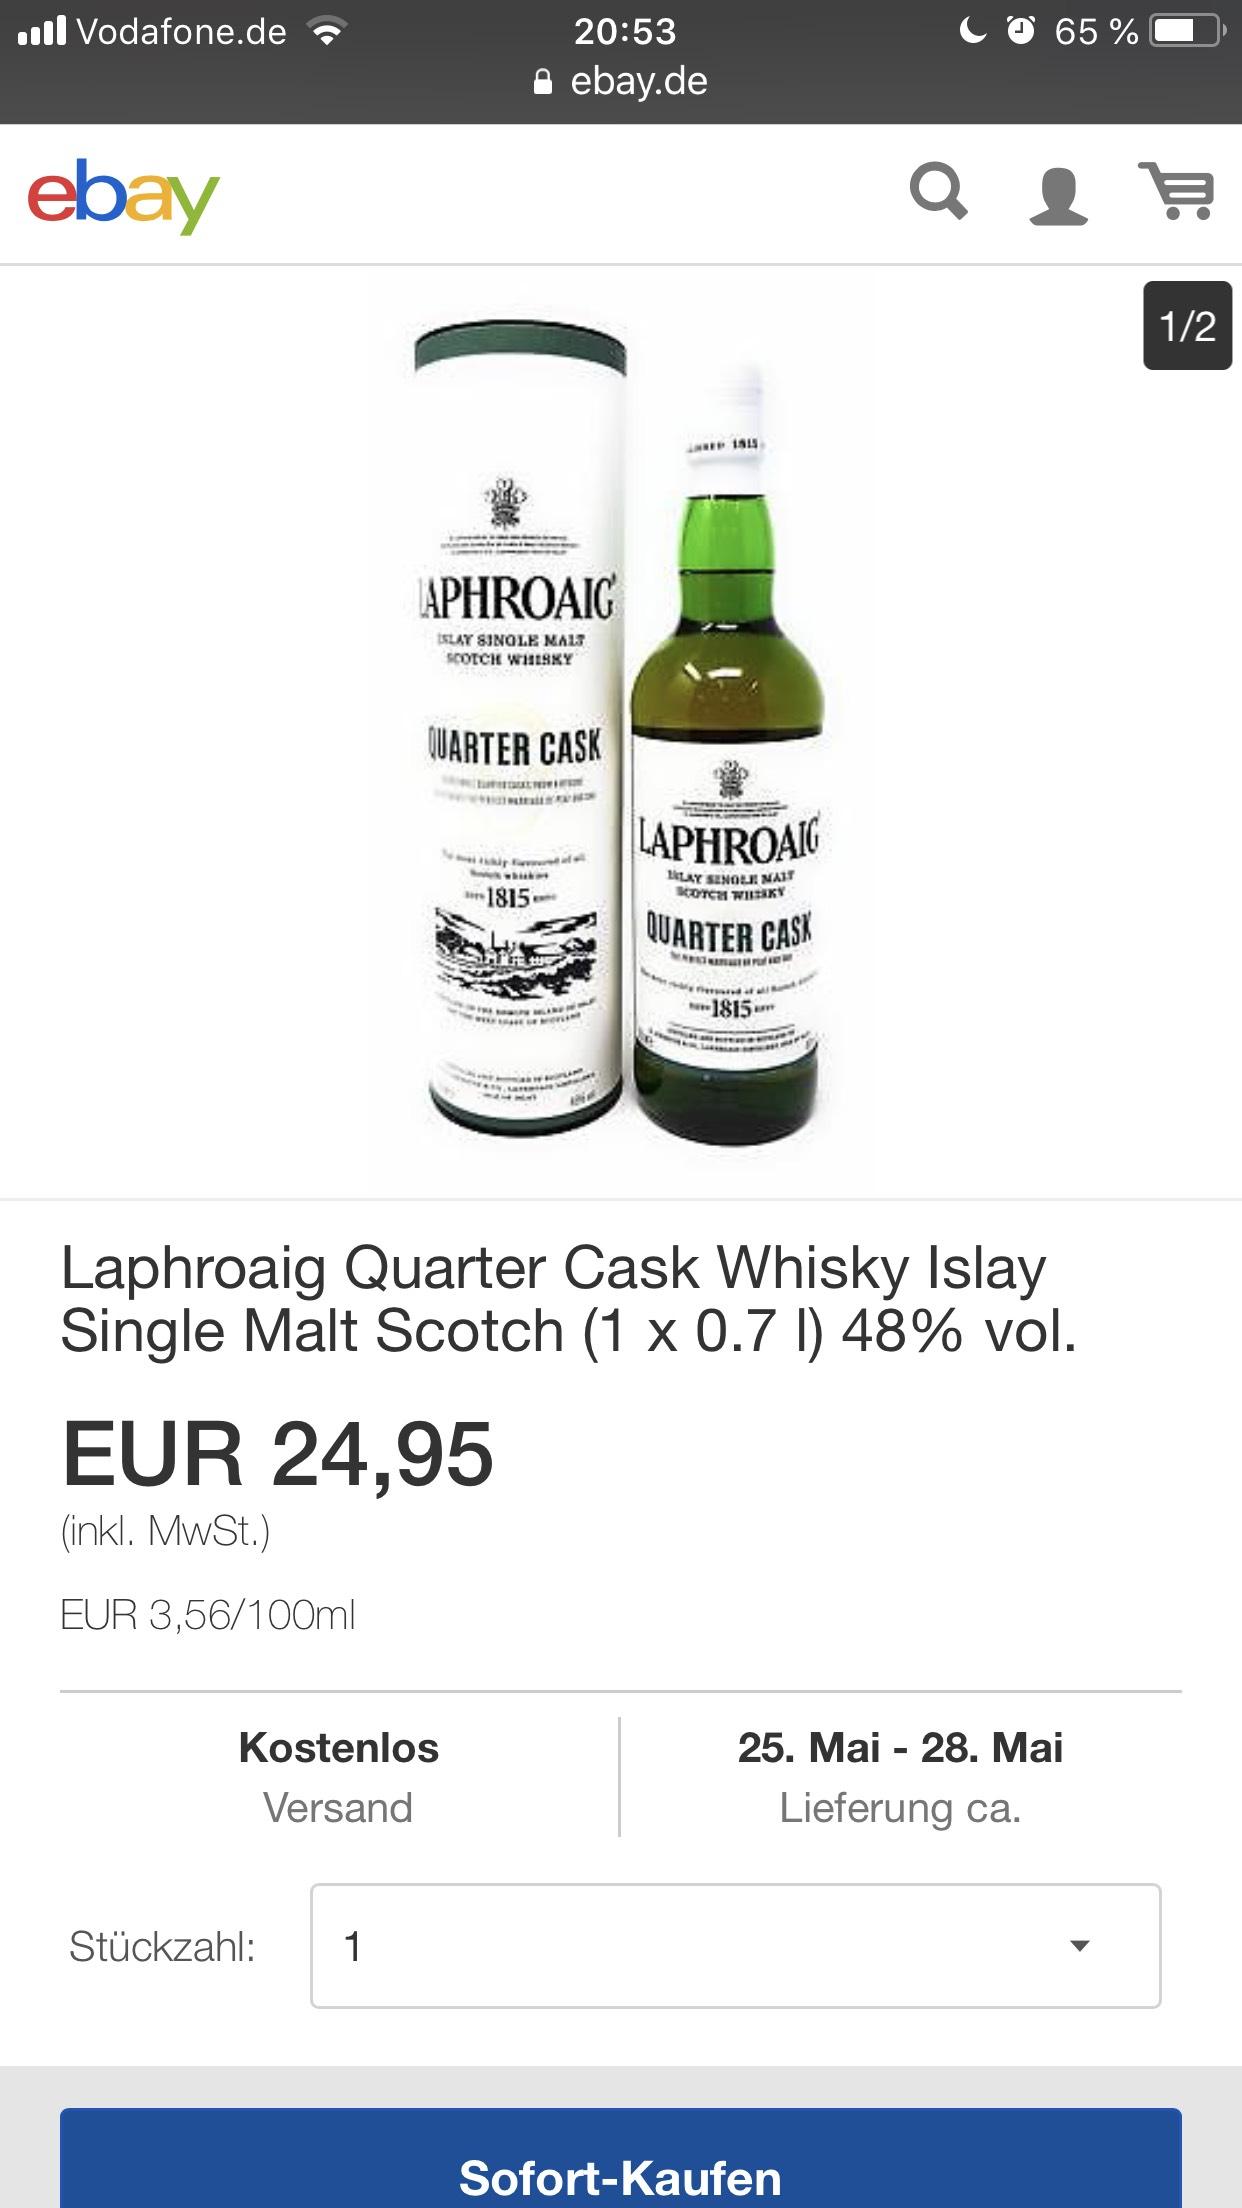 Laphroaig Quarter Cask Whisky